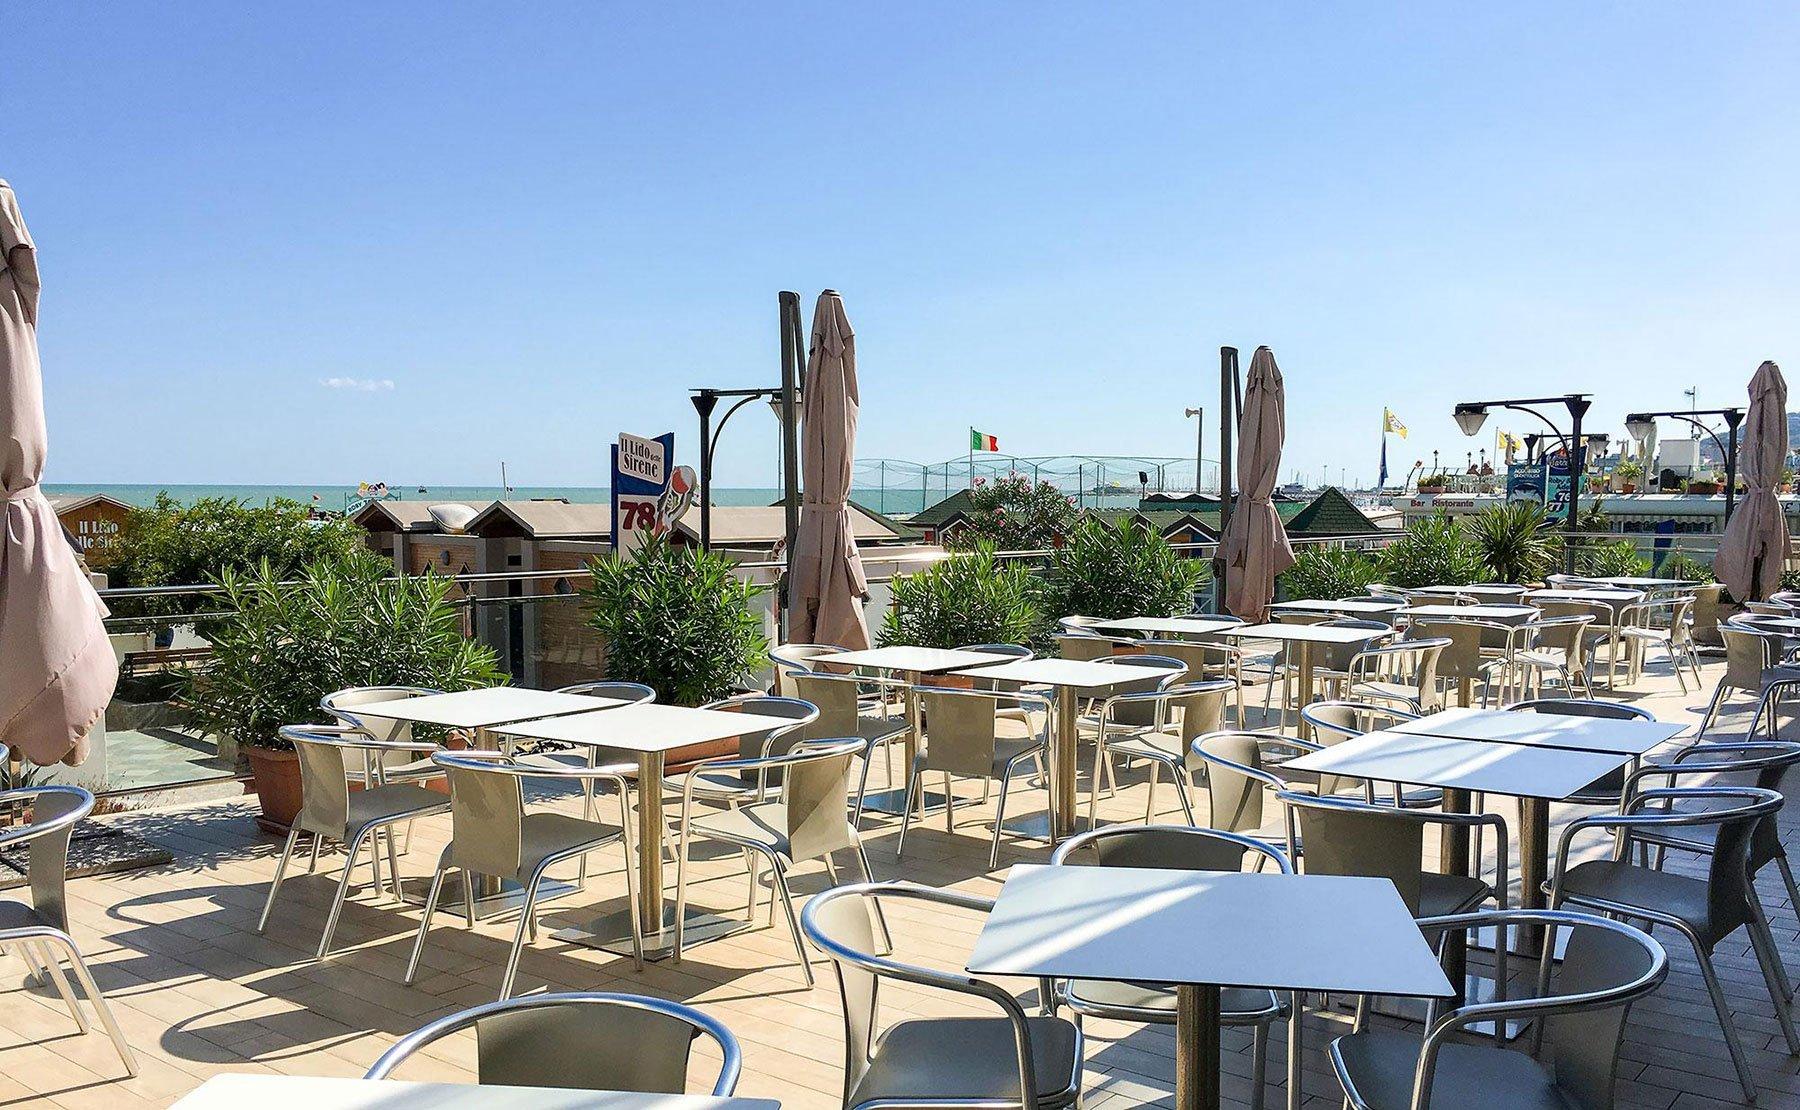 Ampia terrazza,mobili di metallo e legno, ombrelloni da sole